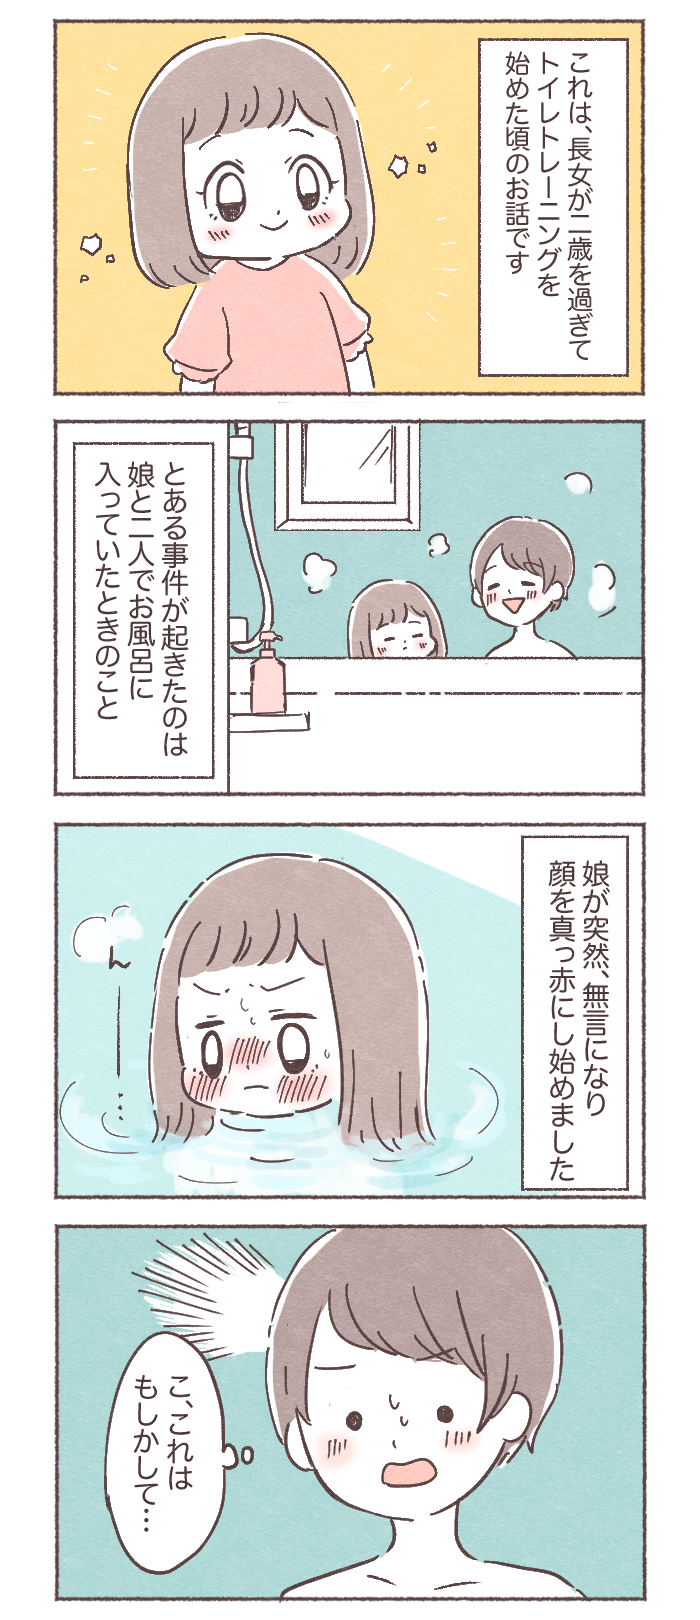 夫はトイトレに興味がない?入浴中のピンチを救った、意外な行動<第四回投稿コンテストNO.44>の画像1